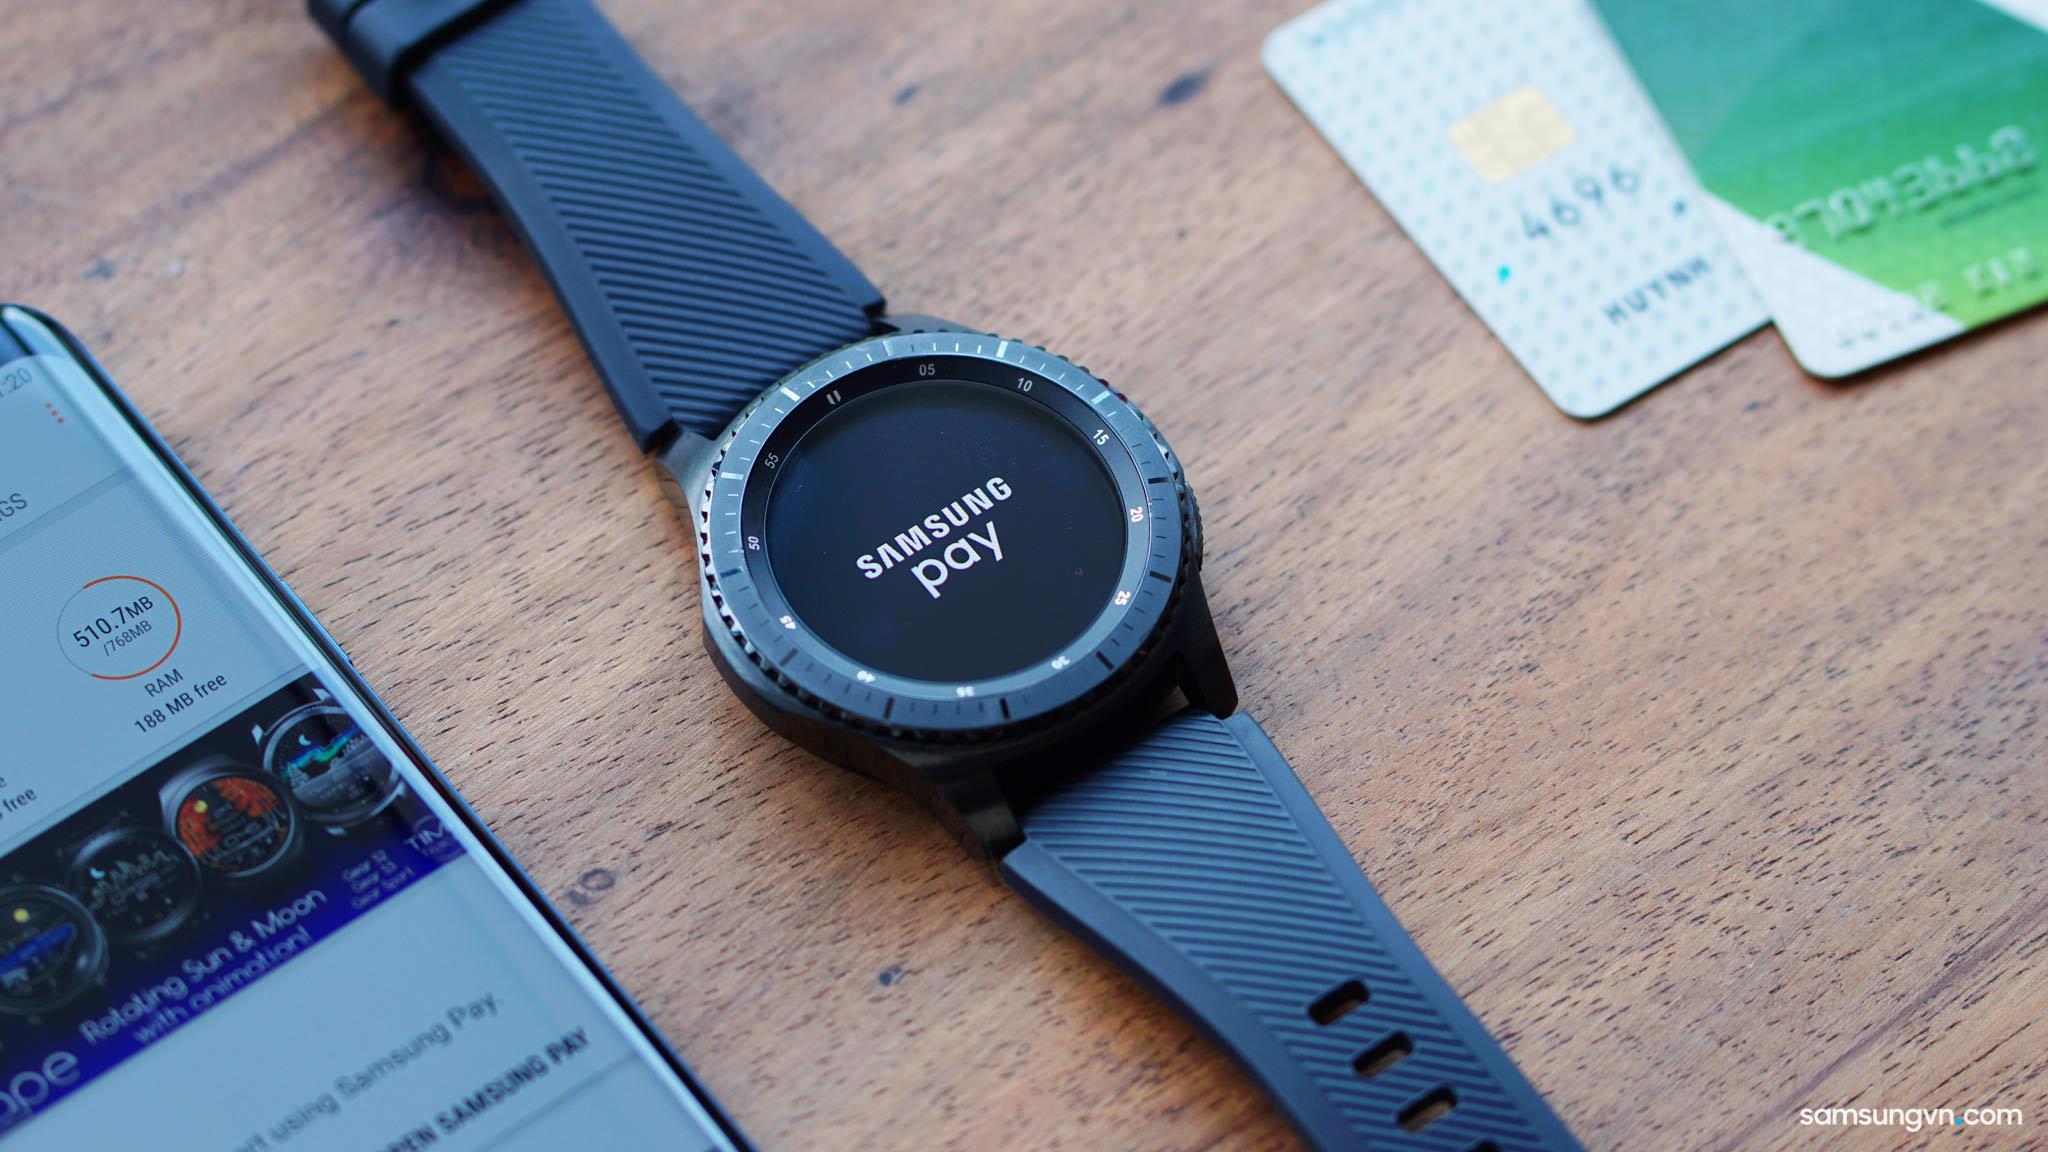 Cách cài đặt & Sử dụng Samsung Pay trên đồng hồ Gear S3